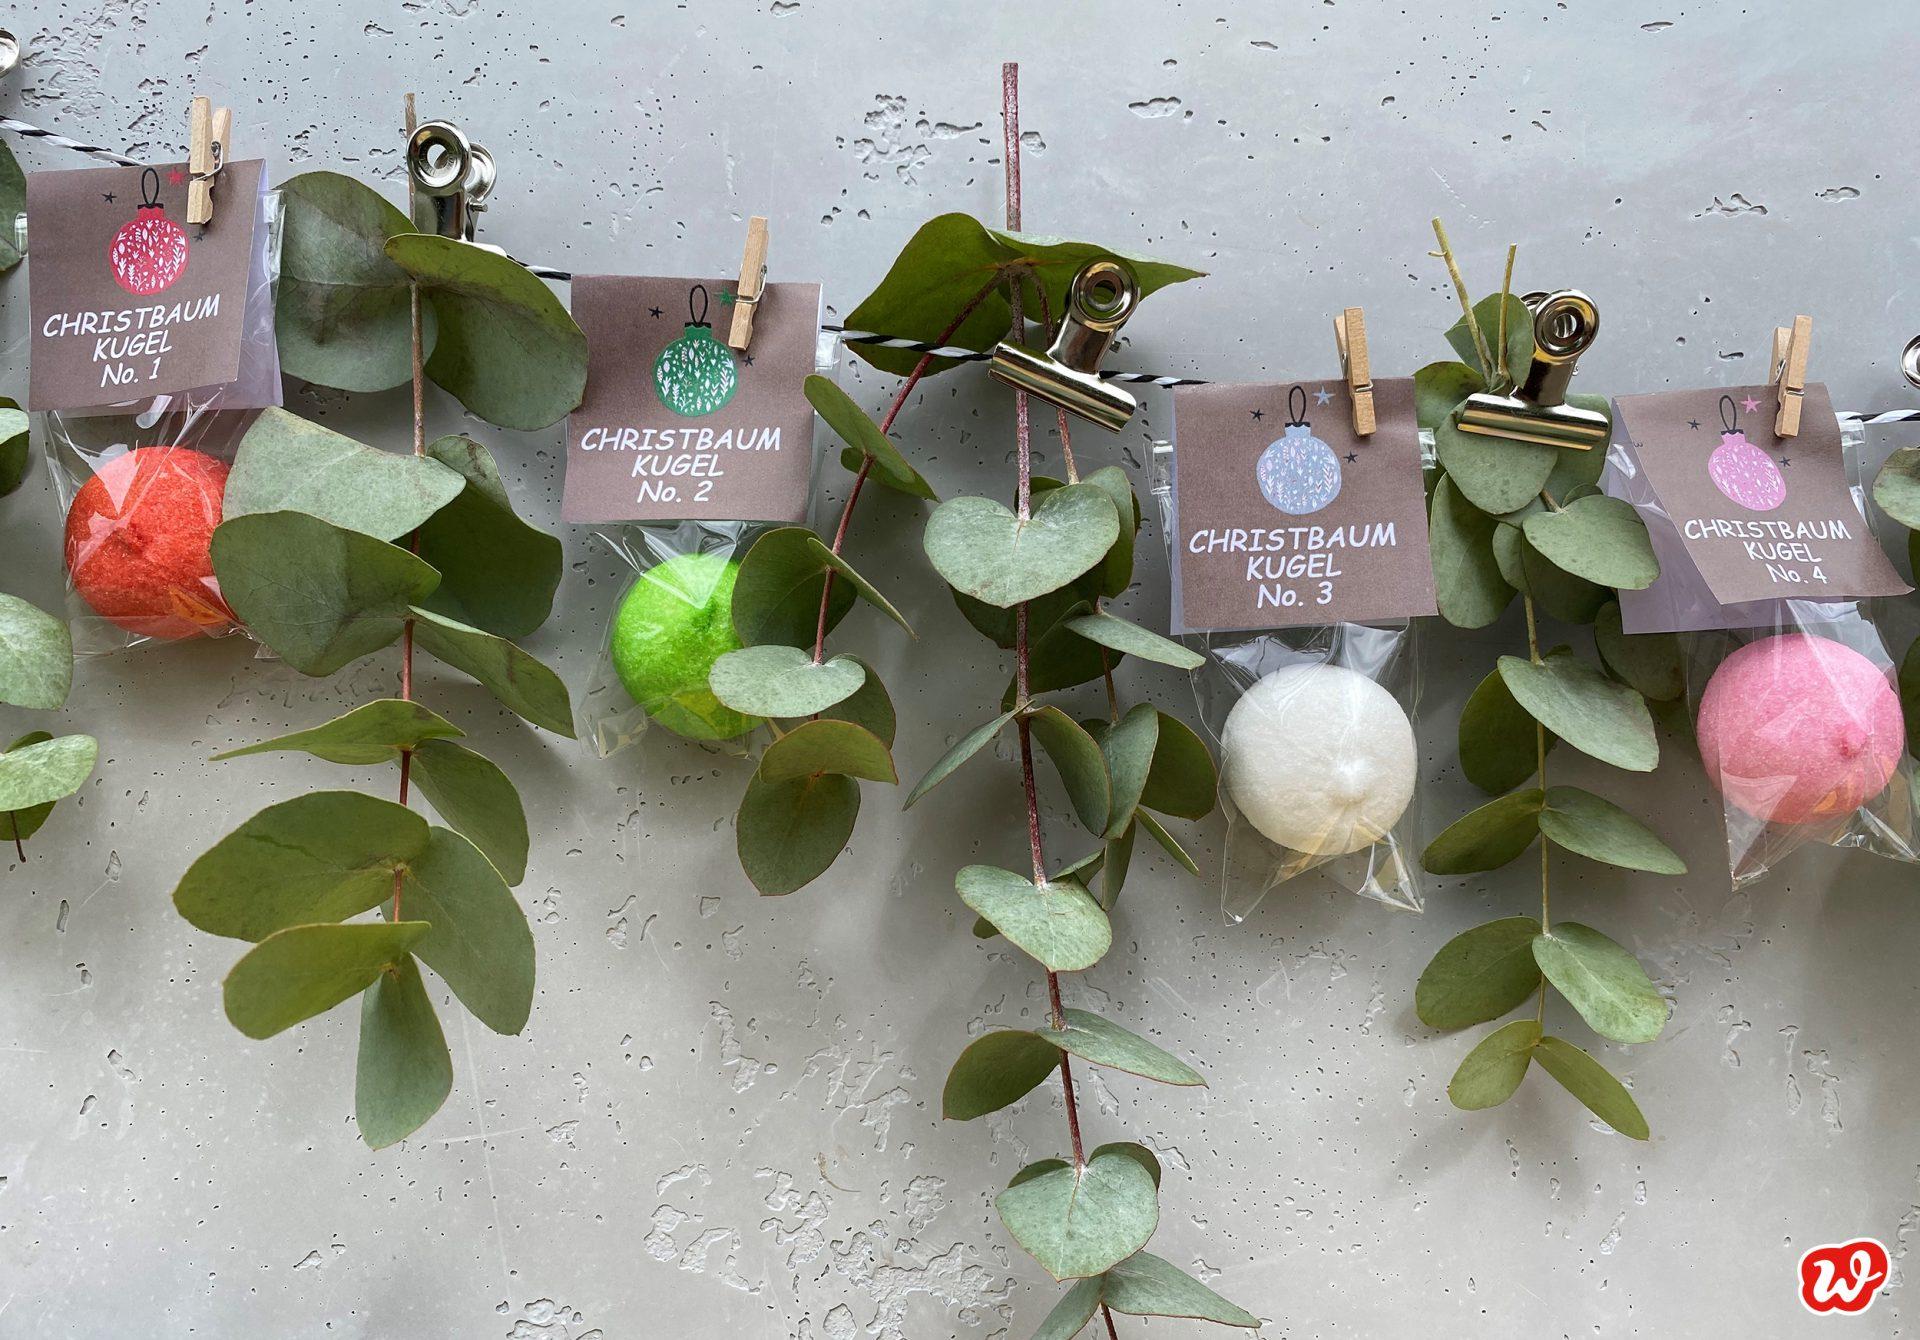 Wunderle süße Christbaumkugeln